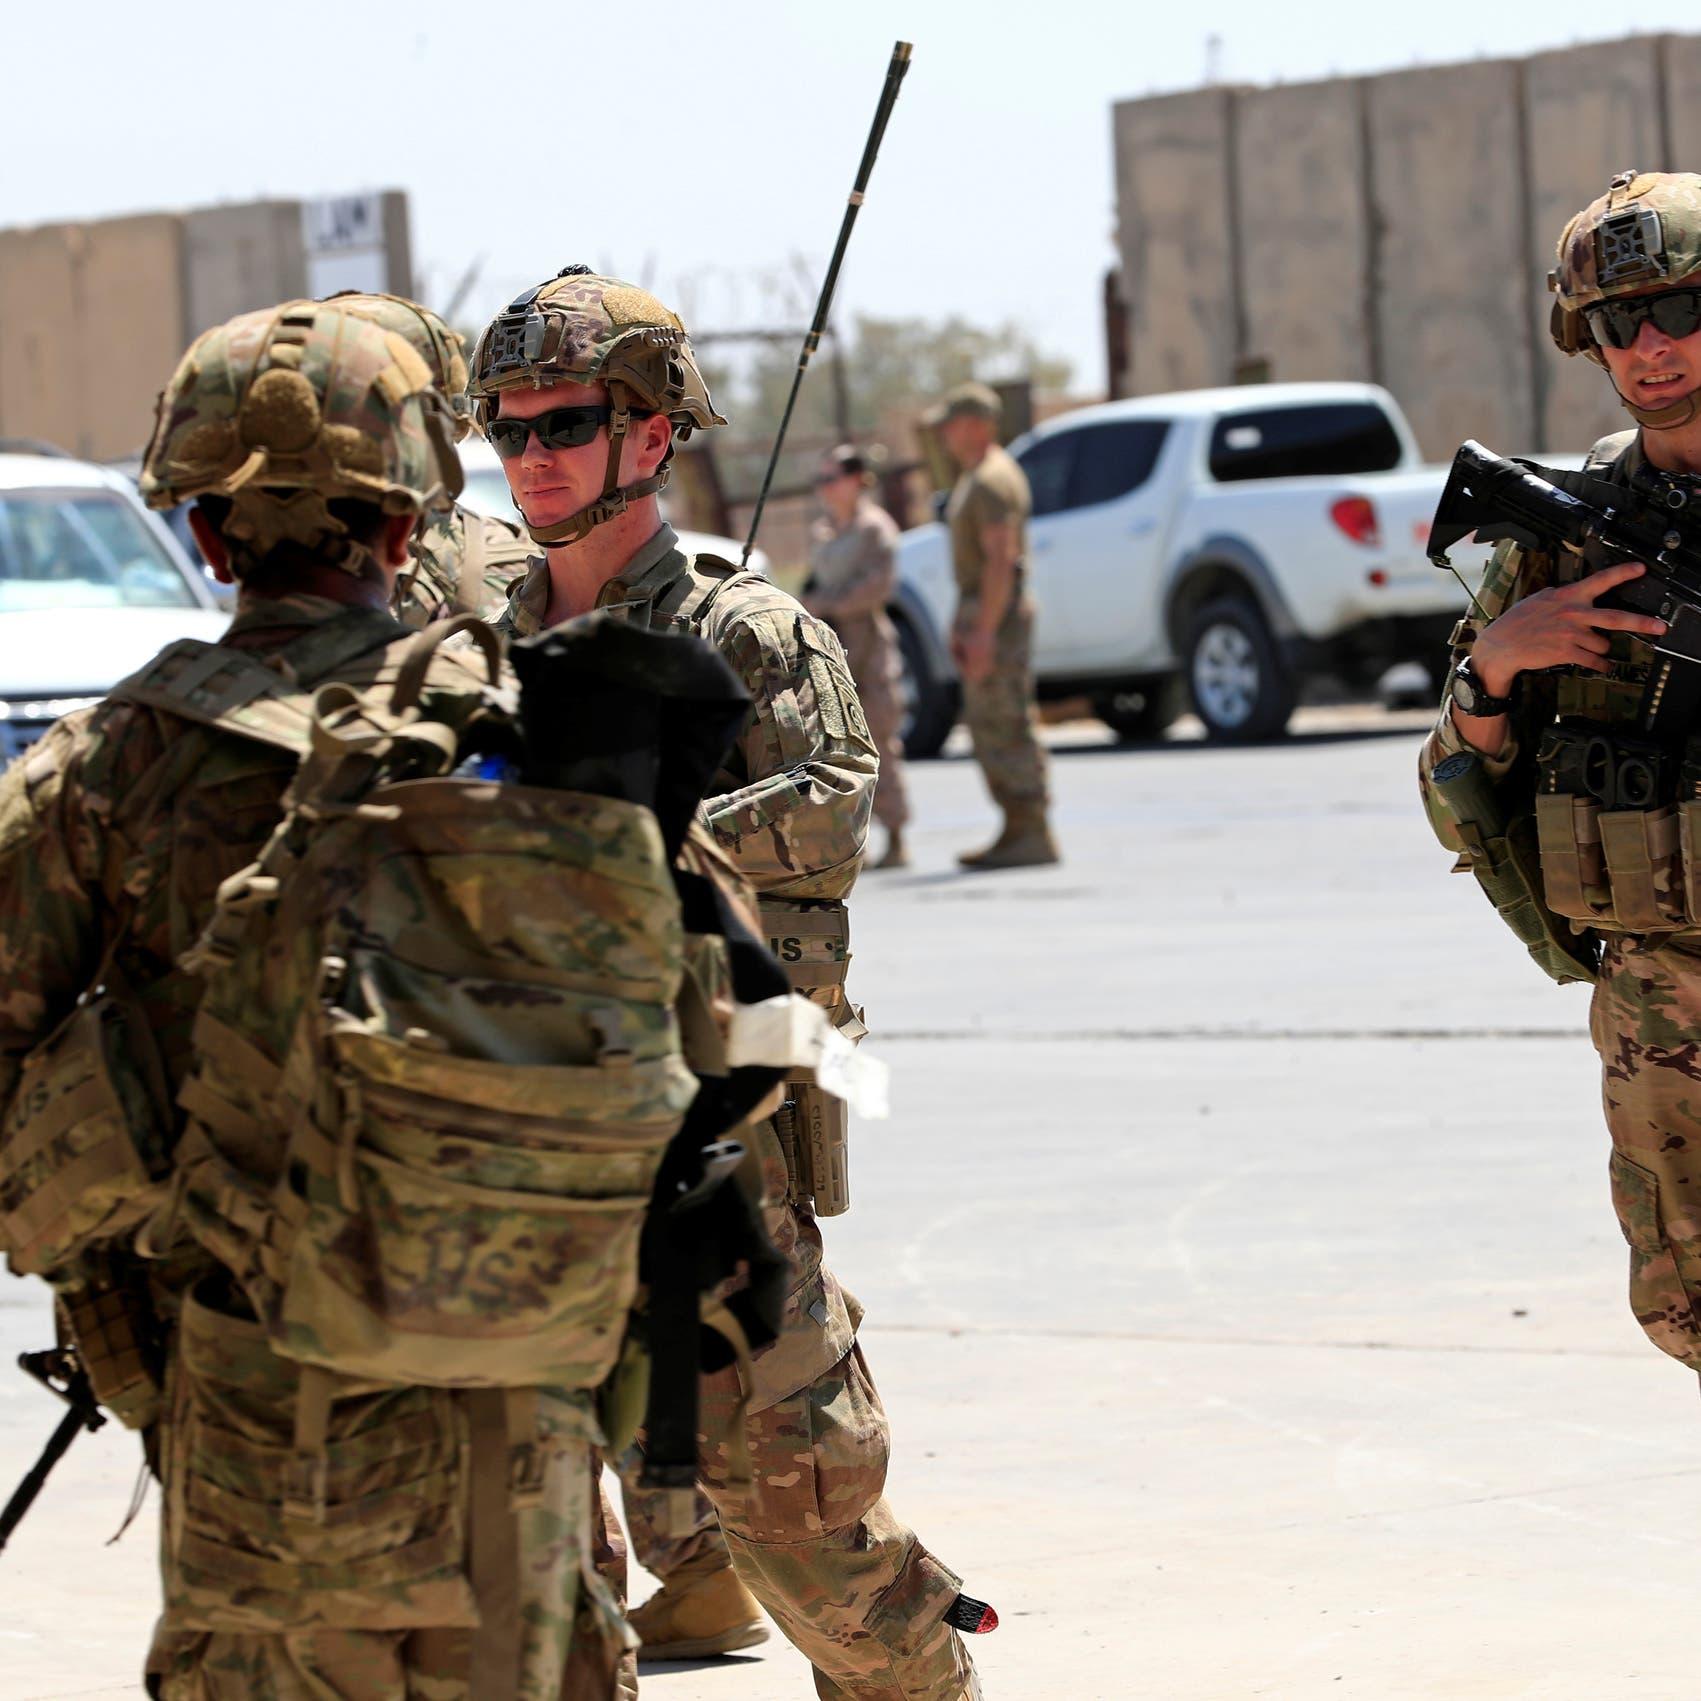 البنتاغون: خفض عدد القوات الأميركية إلى 2500 جندي بالعراق